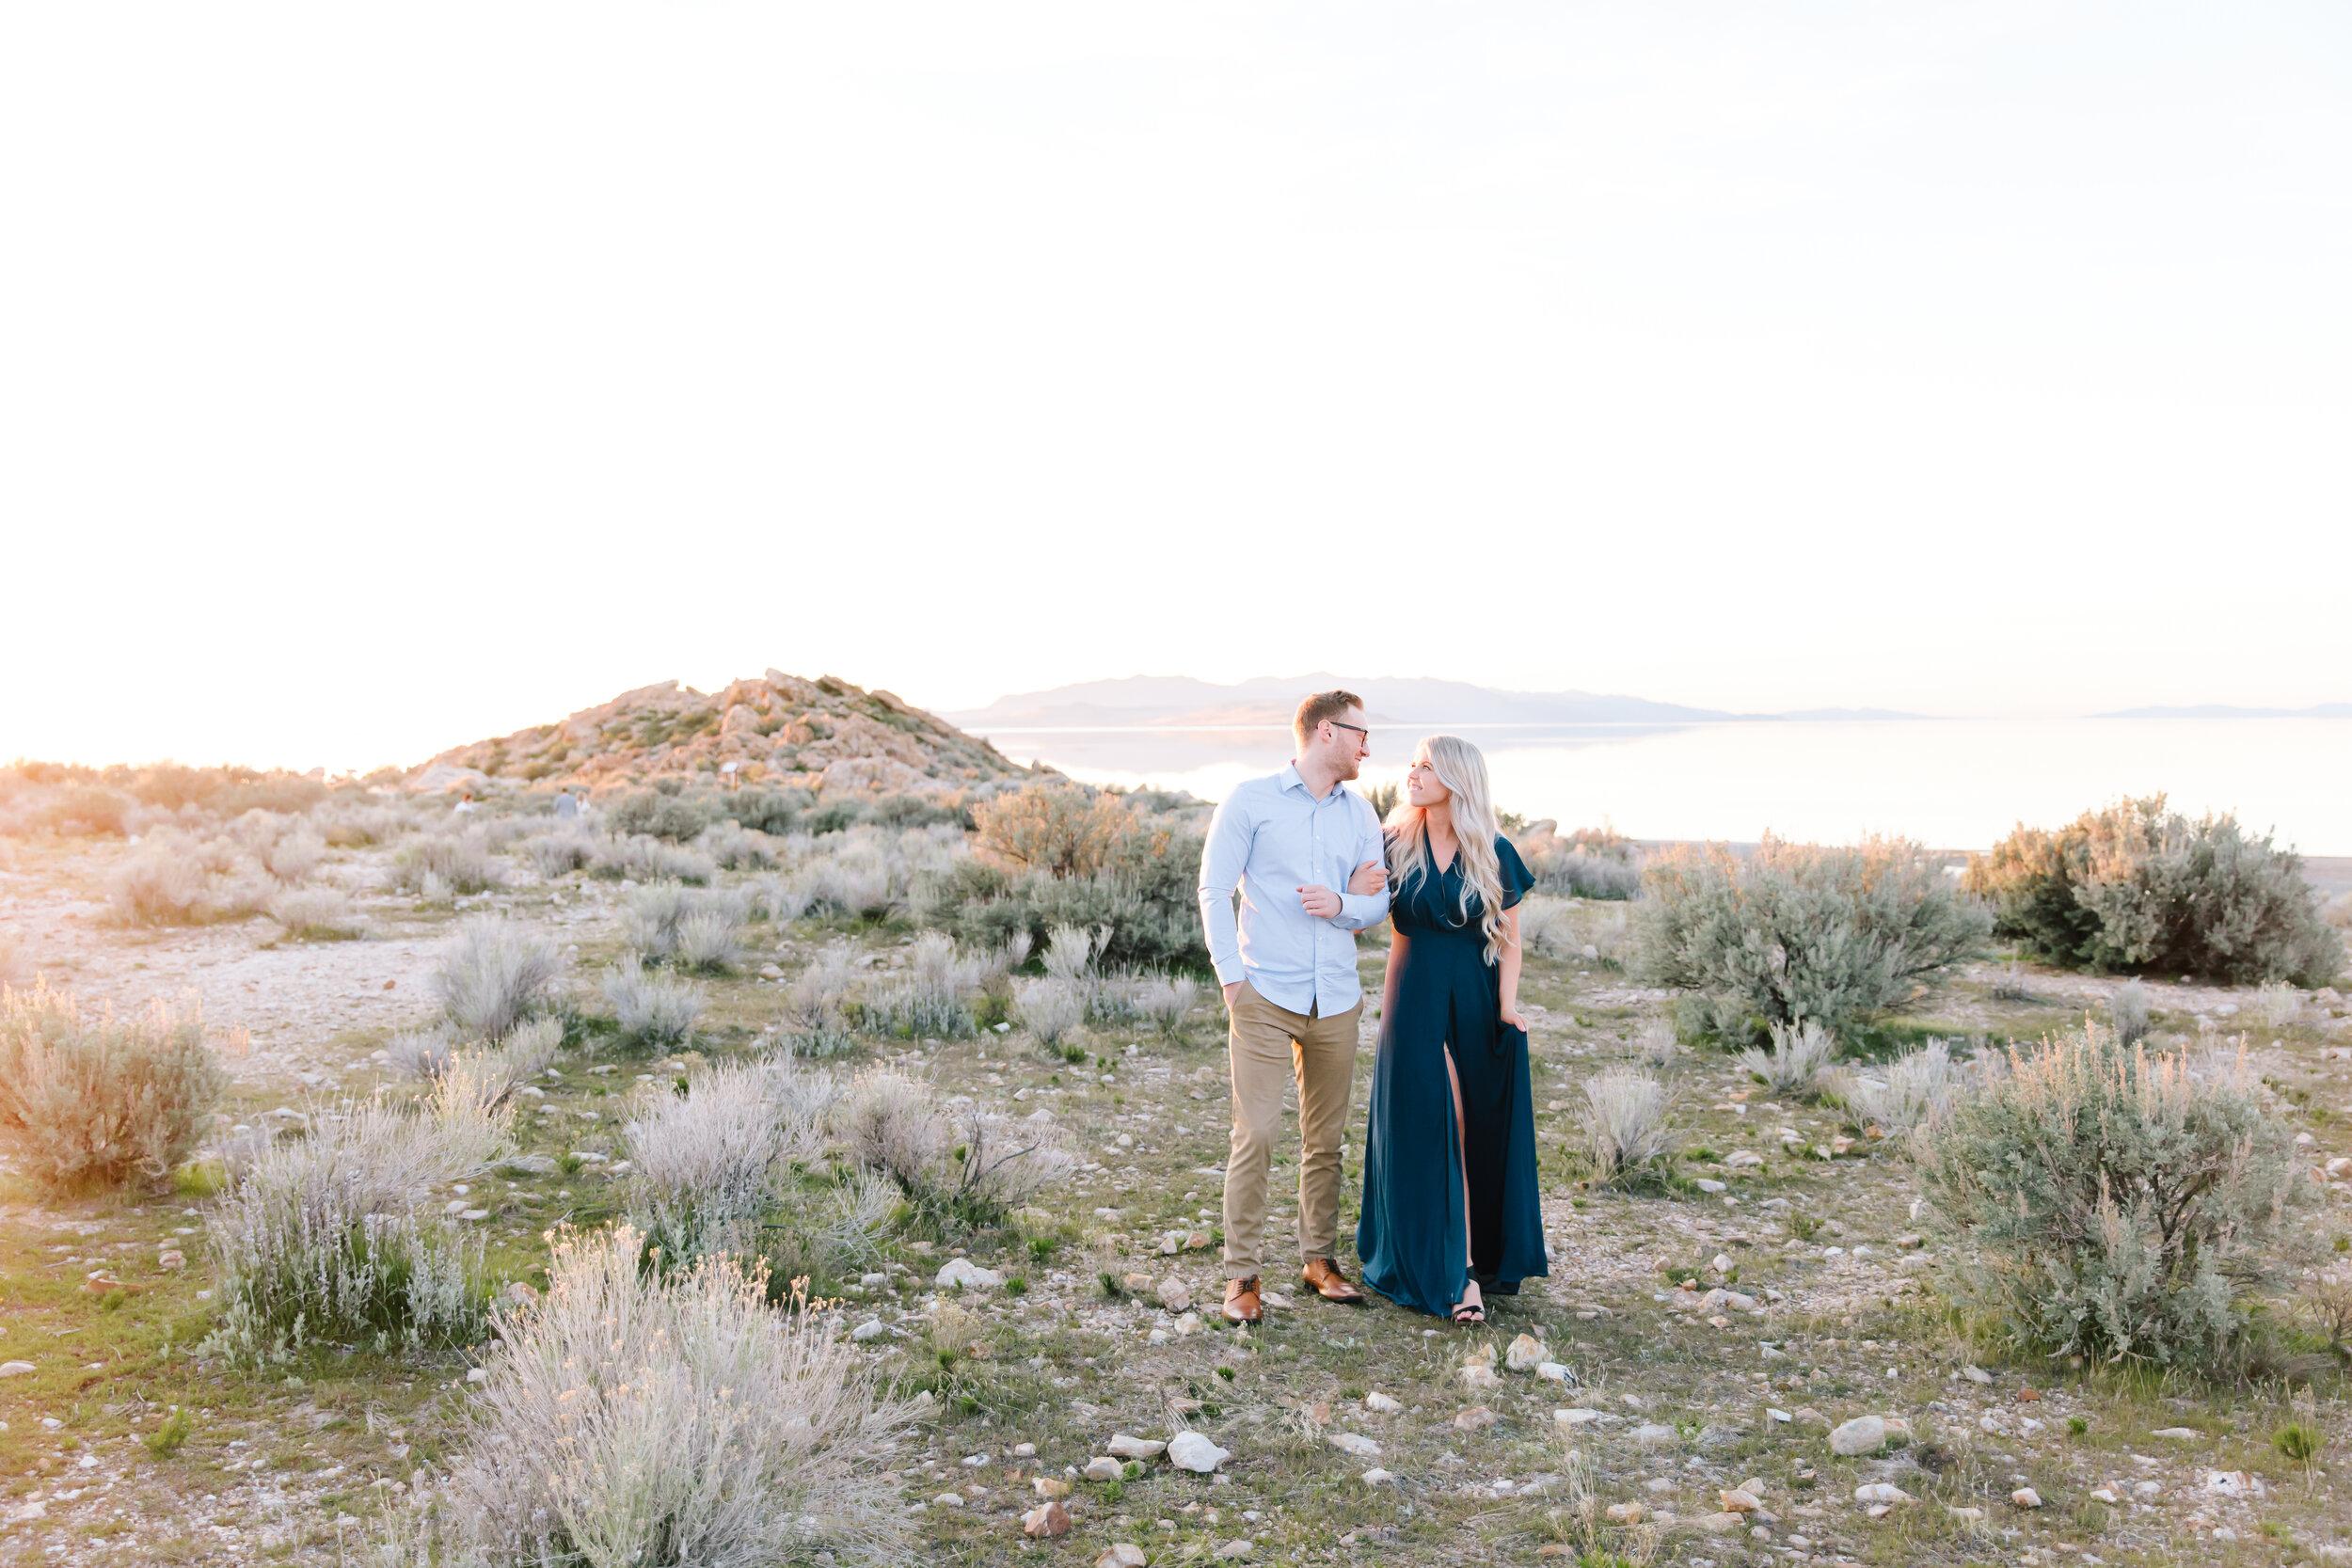 #couplegoals #engagements #antelopeisland #couplekissing #engagementoutfitinspo #locationinspo #romantic #outside #engagementposes #engagementideas #weddingring